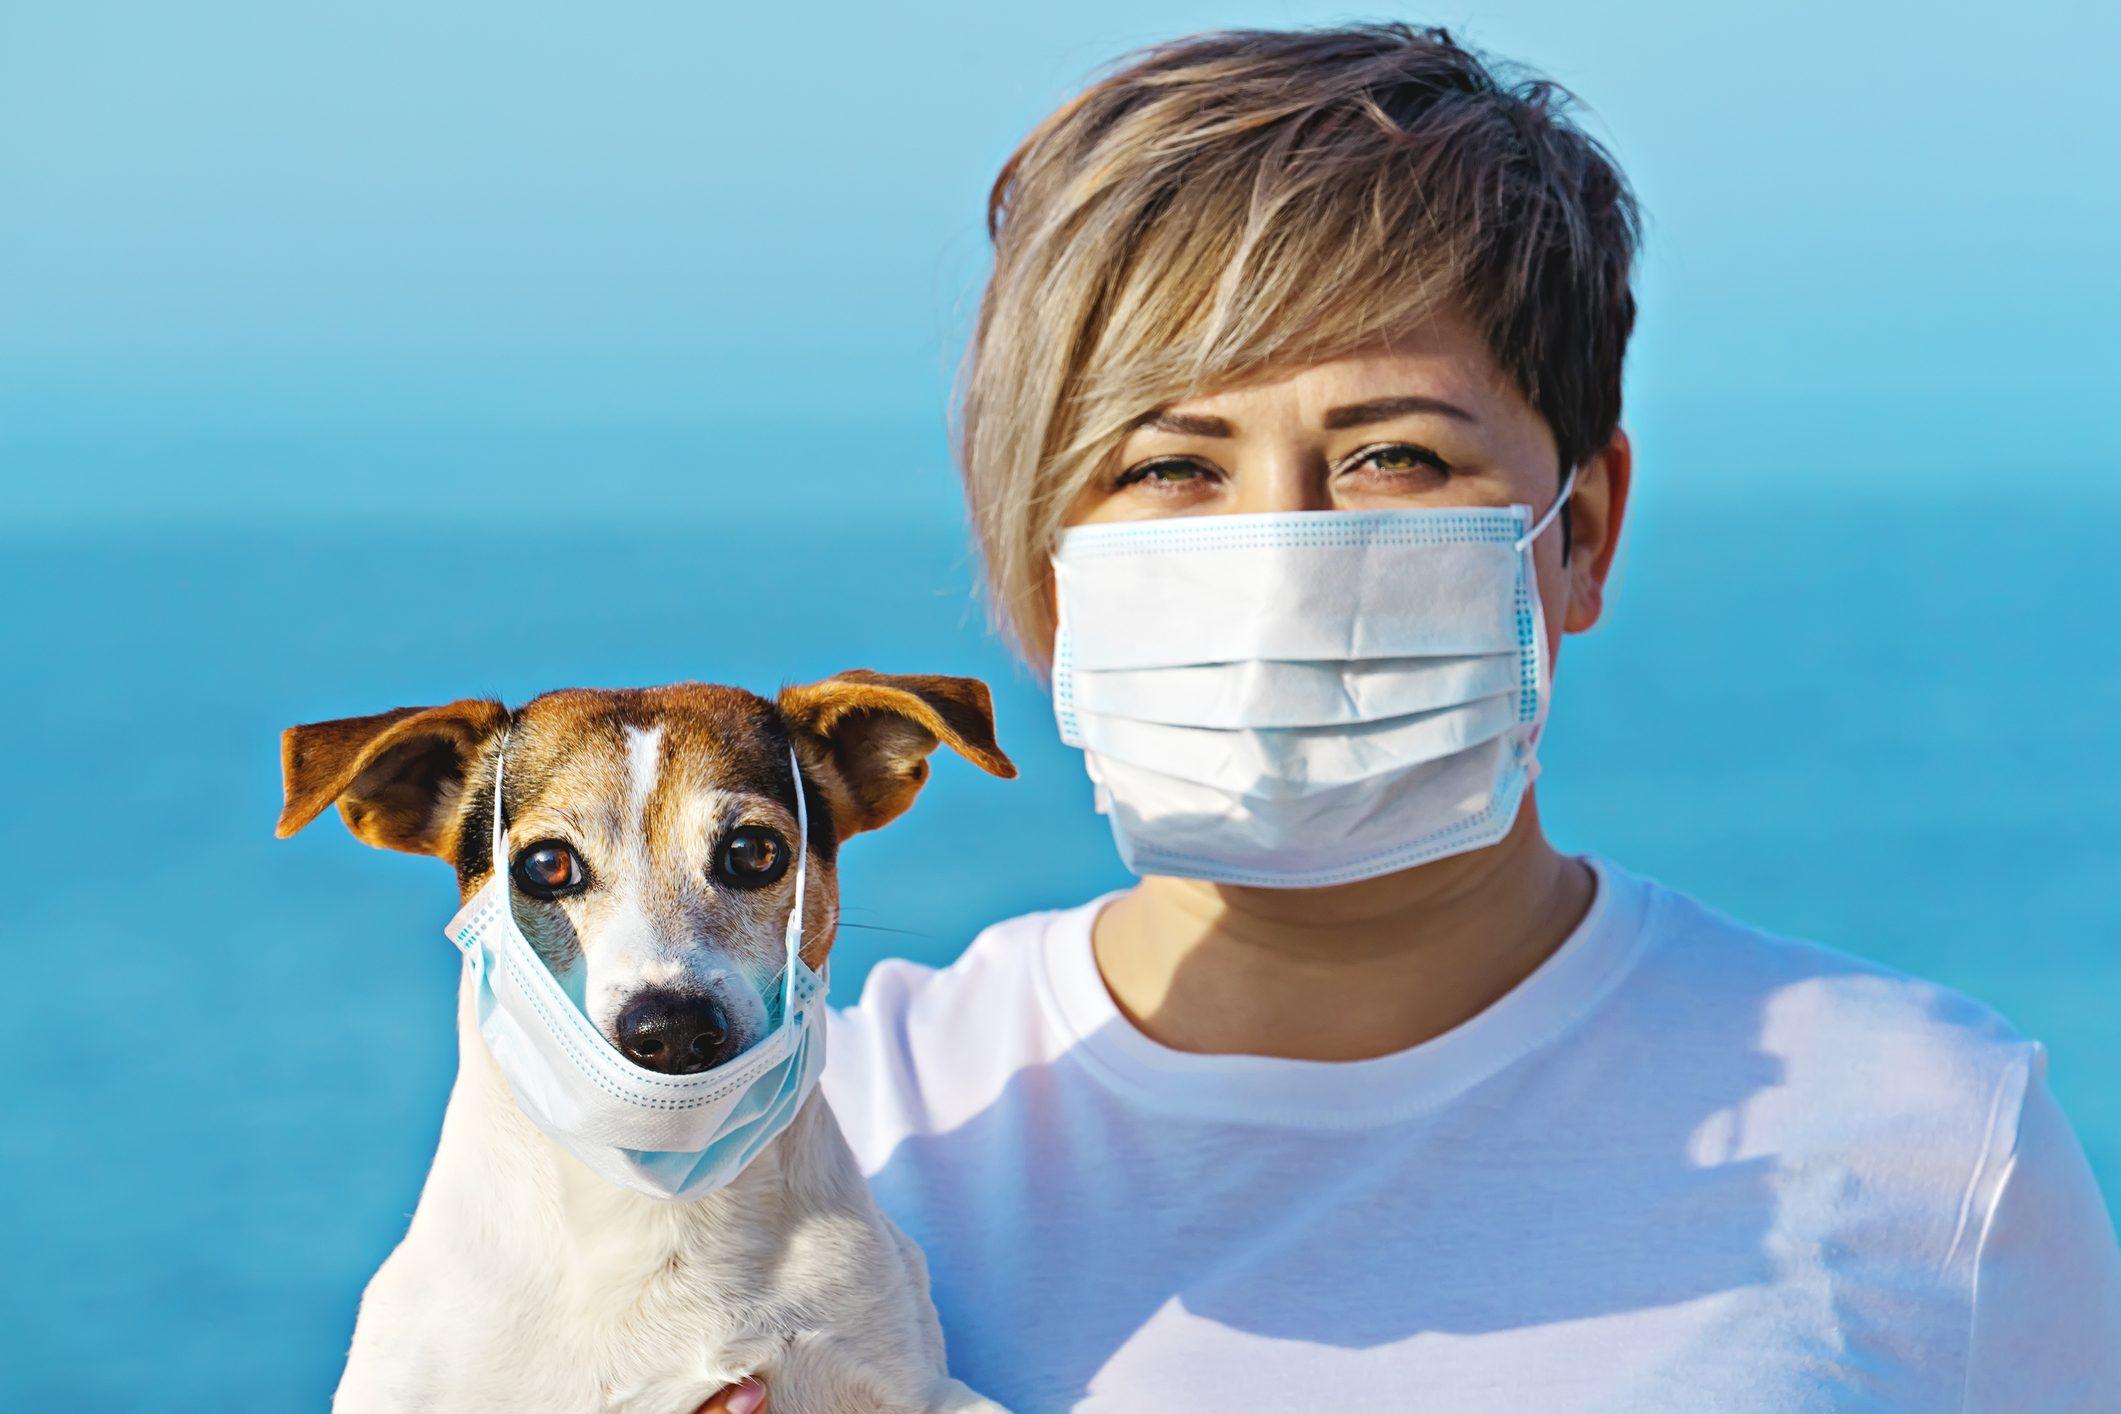 Domande Al Veterinario Cane coronavirus e animali domestici: la veterinaria ci spiega